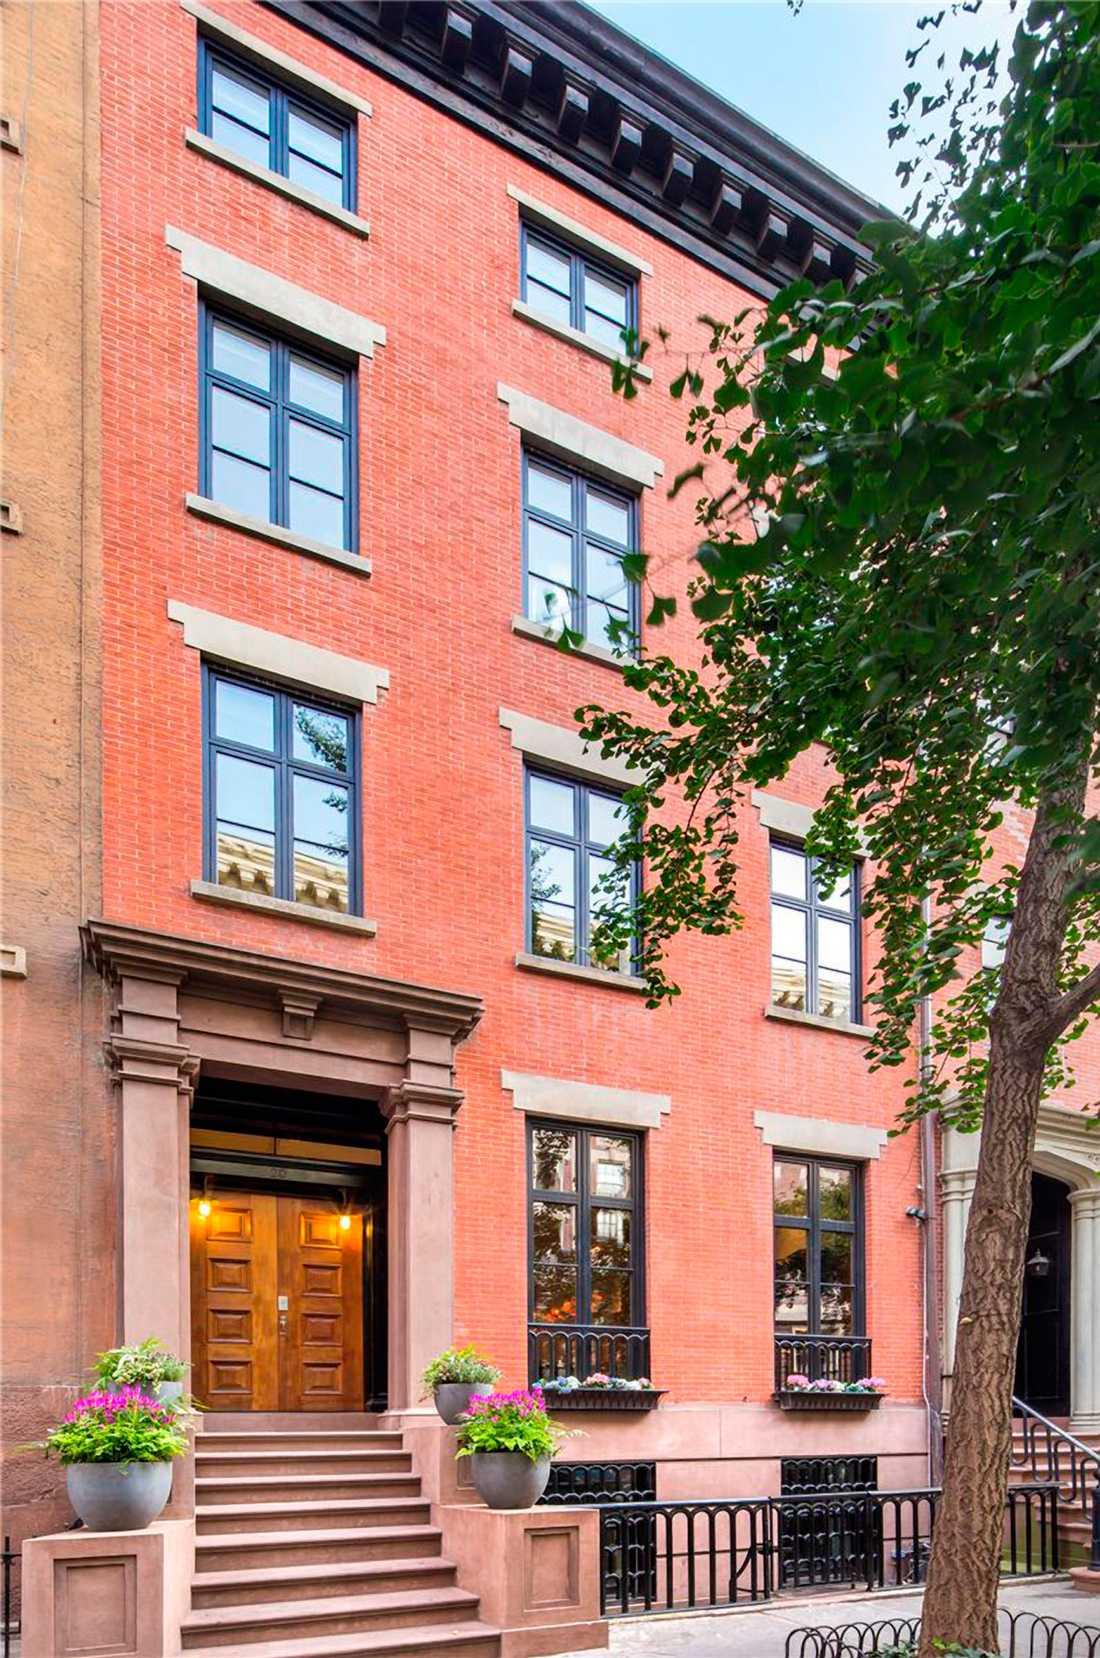 Townhouse till salu Sarah Jessica parkers och Matthew Brodericks lya kan bliu din för 180 miljoner kronor.